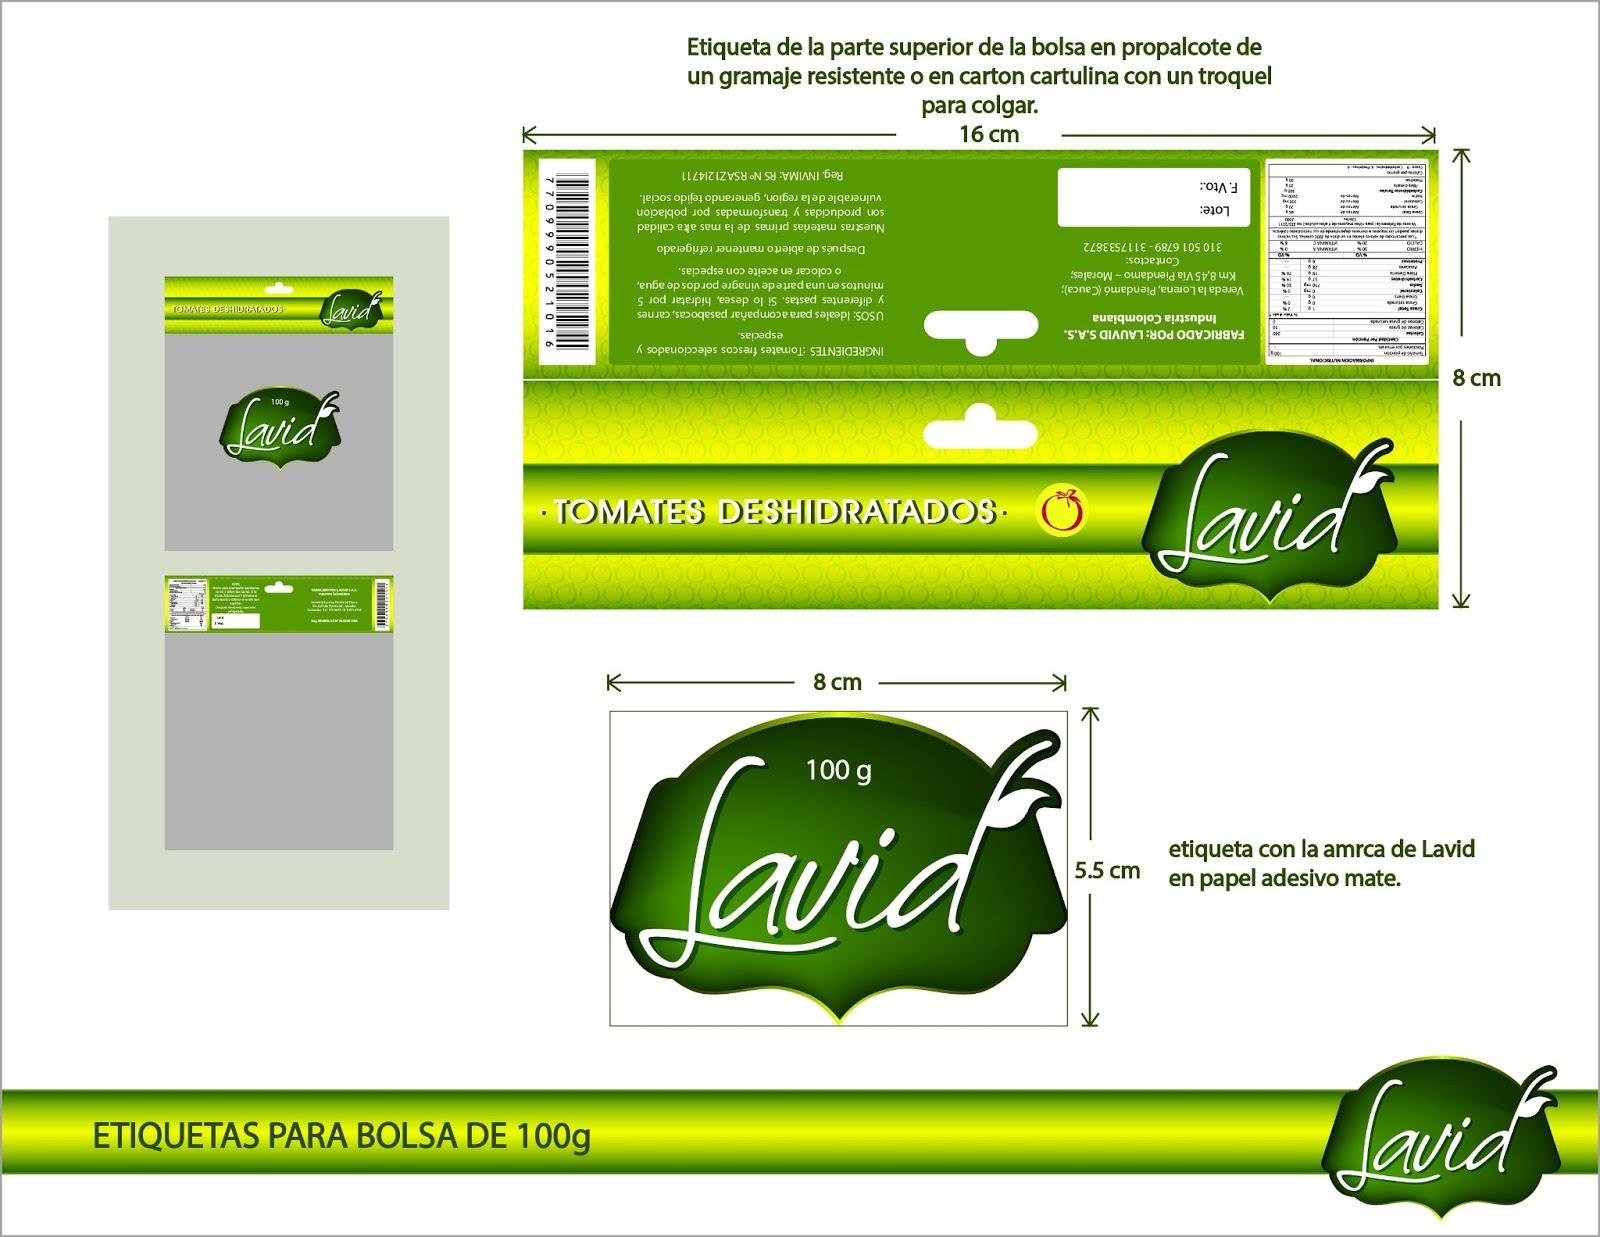 Angelatorres dise o de etiquetas cliente lavid productos for Diseno de etiquetas